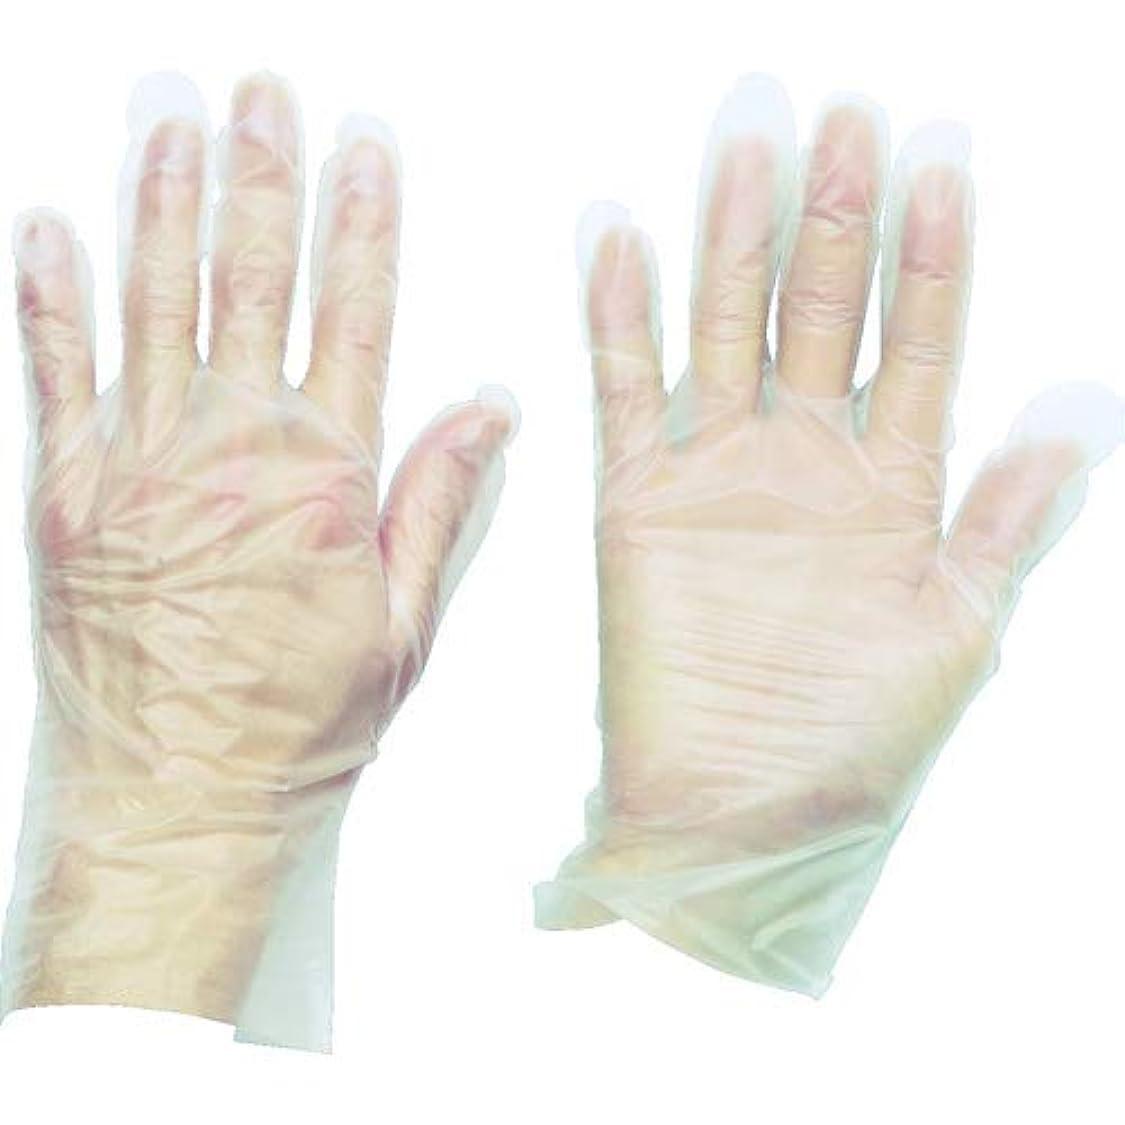 ボットショッピングセンター嵐が丘トラスコ中山 株 TRUSCO ポリエチレン 使い捨て手袋 ウェーブカットタイプS 100枚入 TGCPE025S